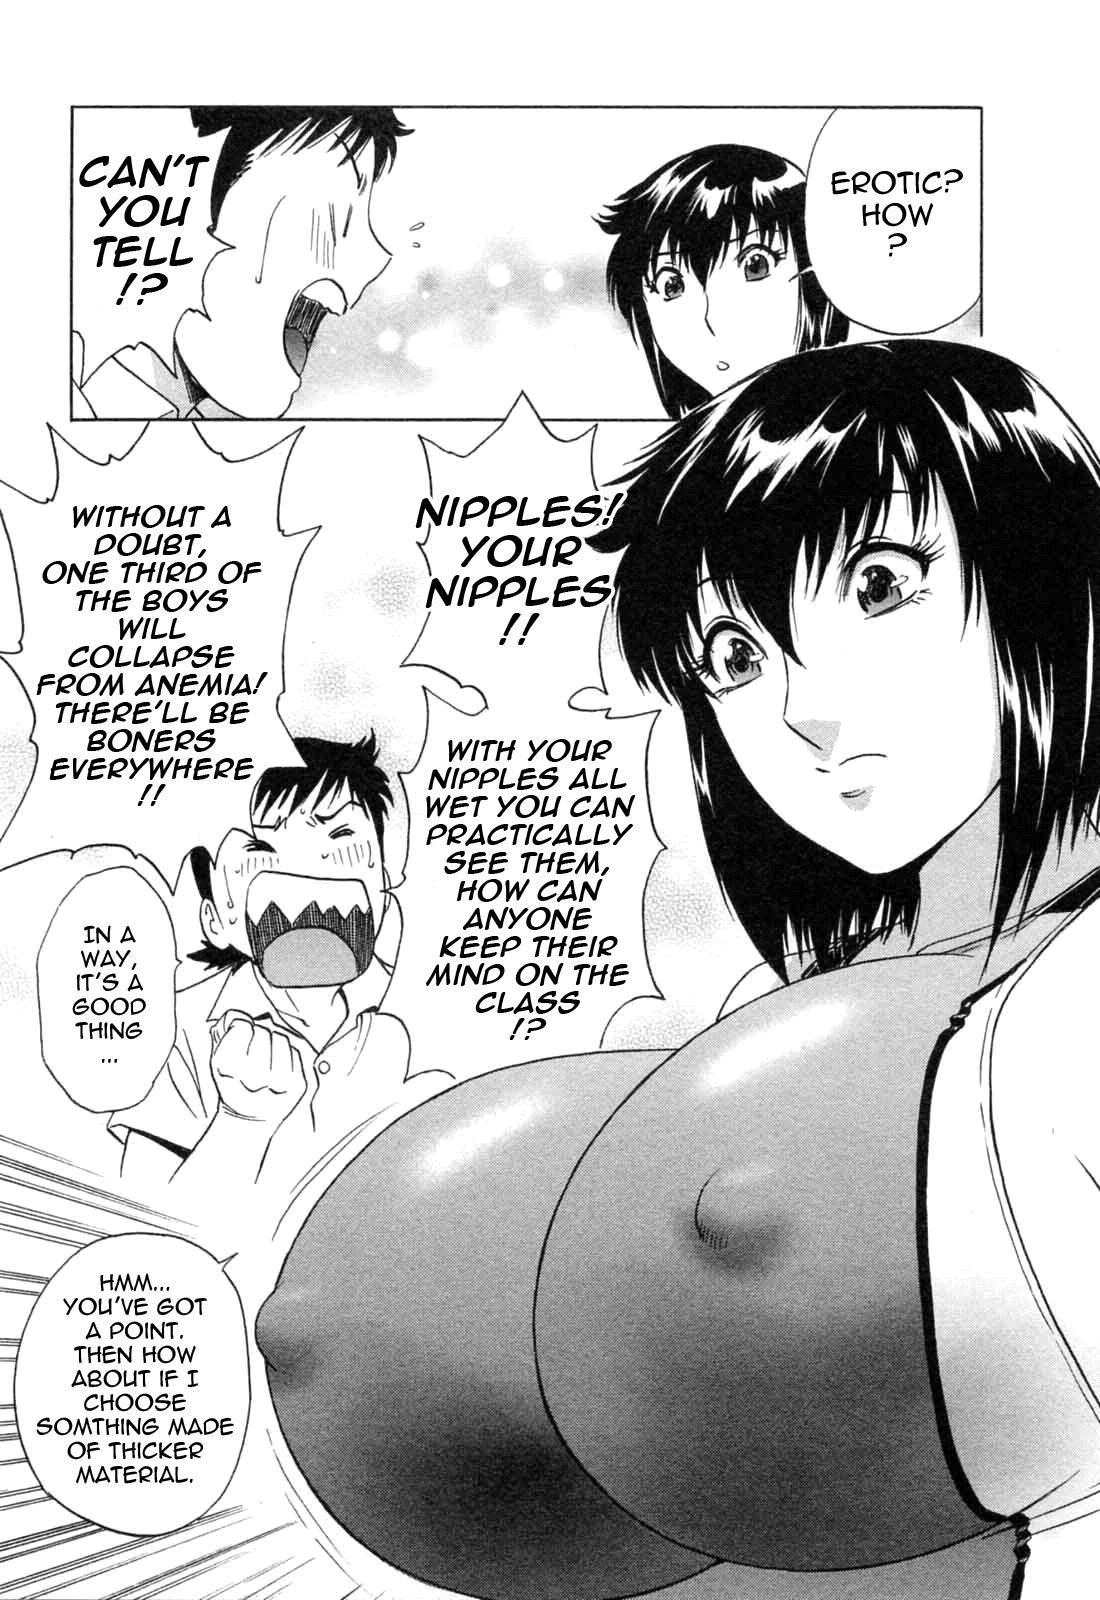 [Hidemaru] Mo-Retsu! Boin Sensei (Boing Boing Teacher) Vol.5 [English] [4dawgz] [Tadanohito] 116